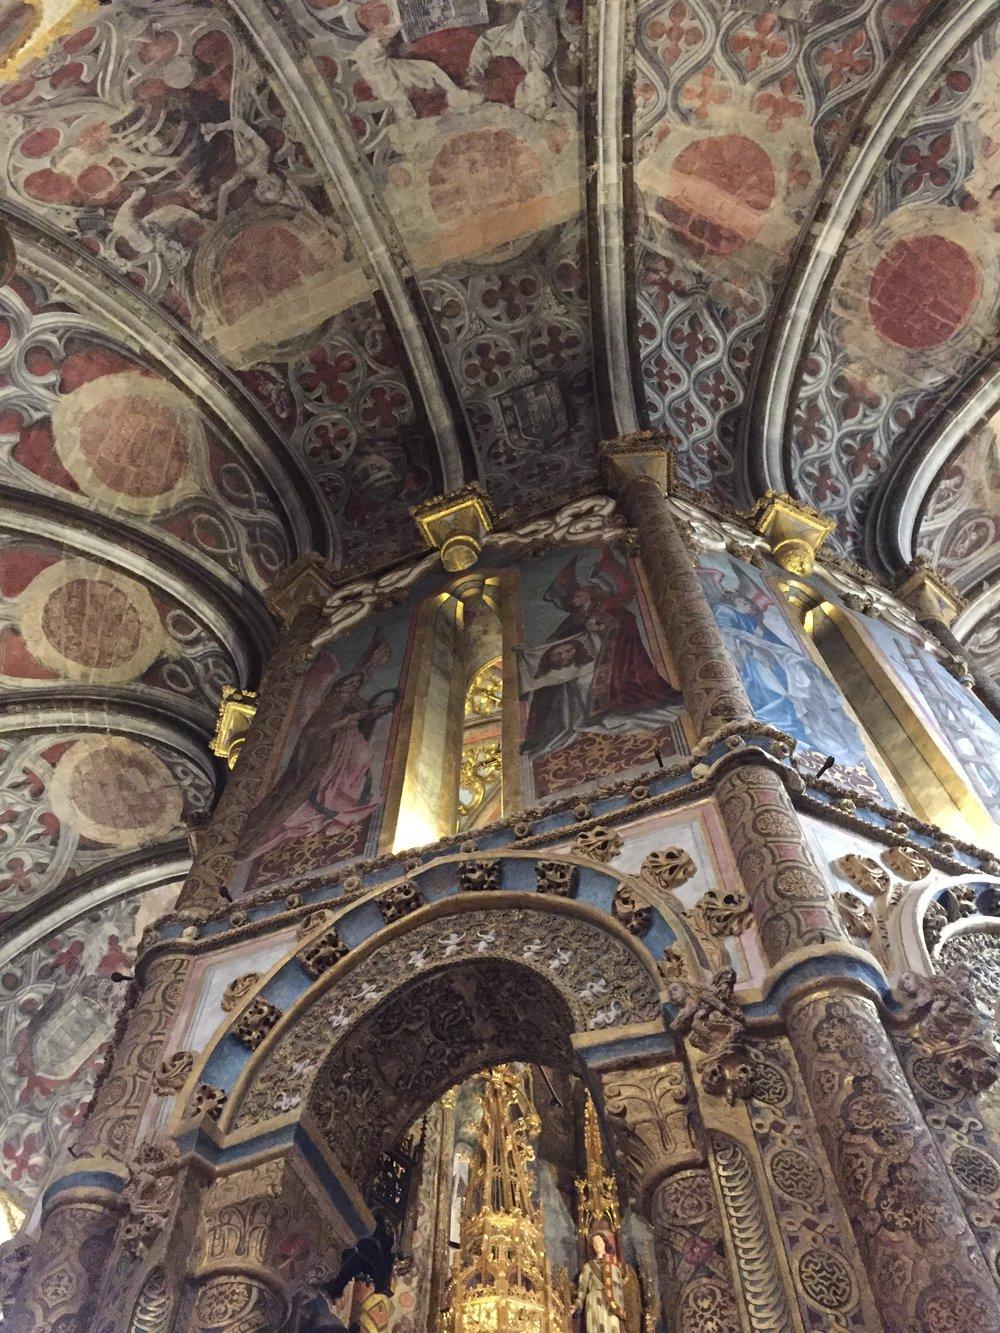 Indescritível a beleza e o sentimento provocado por essa construção.Sagrado e profano se sobrepõe em camadas que compõe as pinturas e a própria arquitetura do lugar.